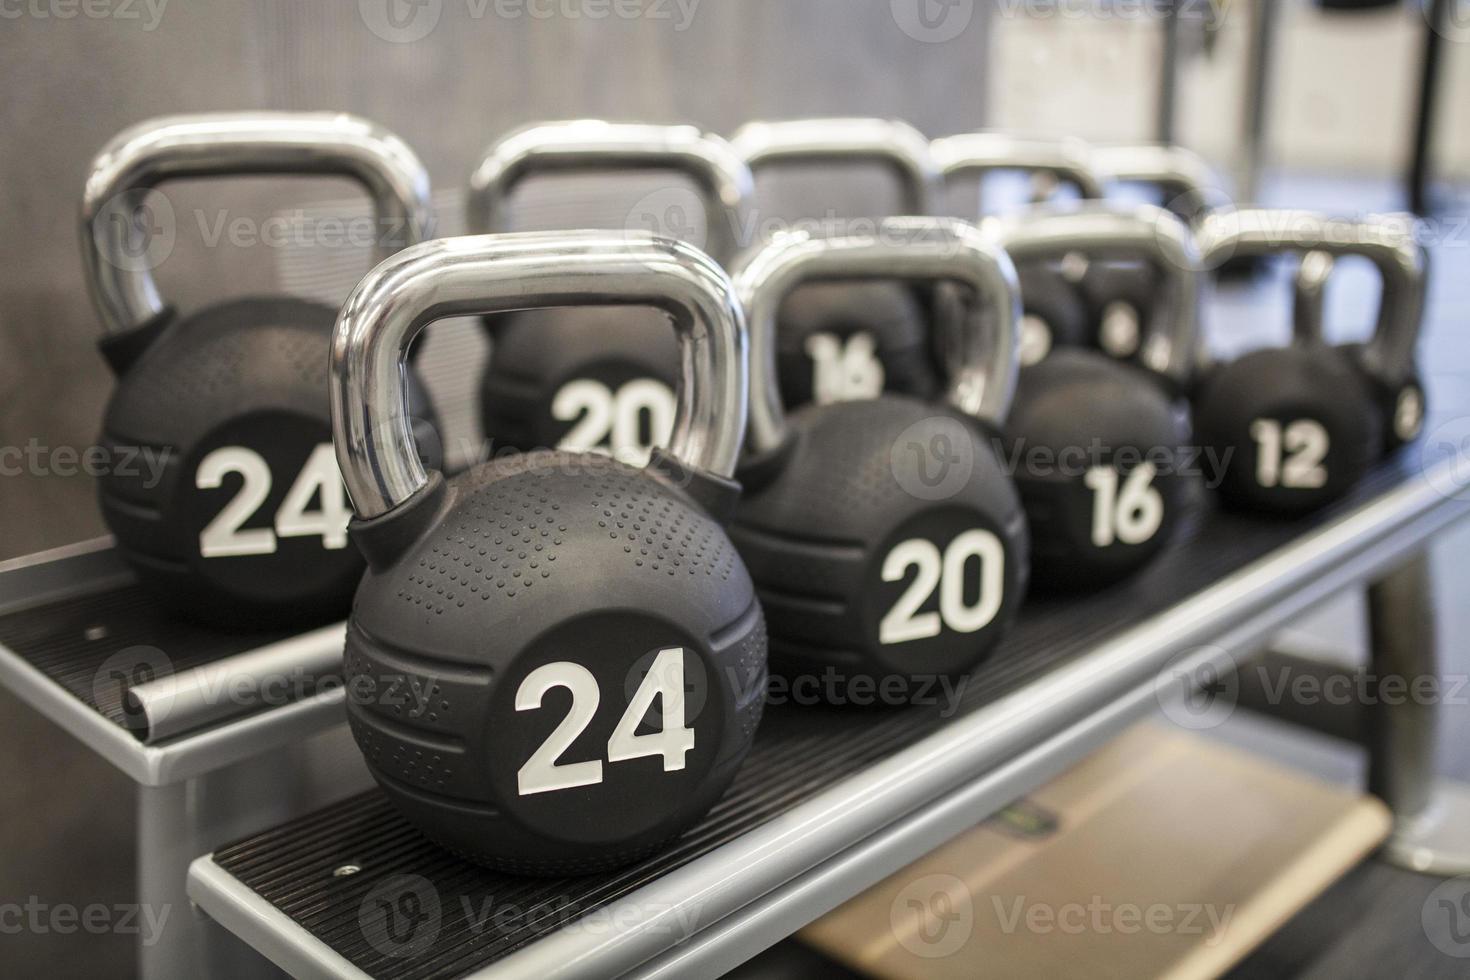 zware kettlebells gewichten in een sportschool foto